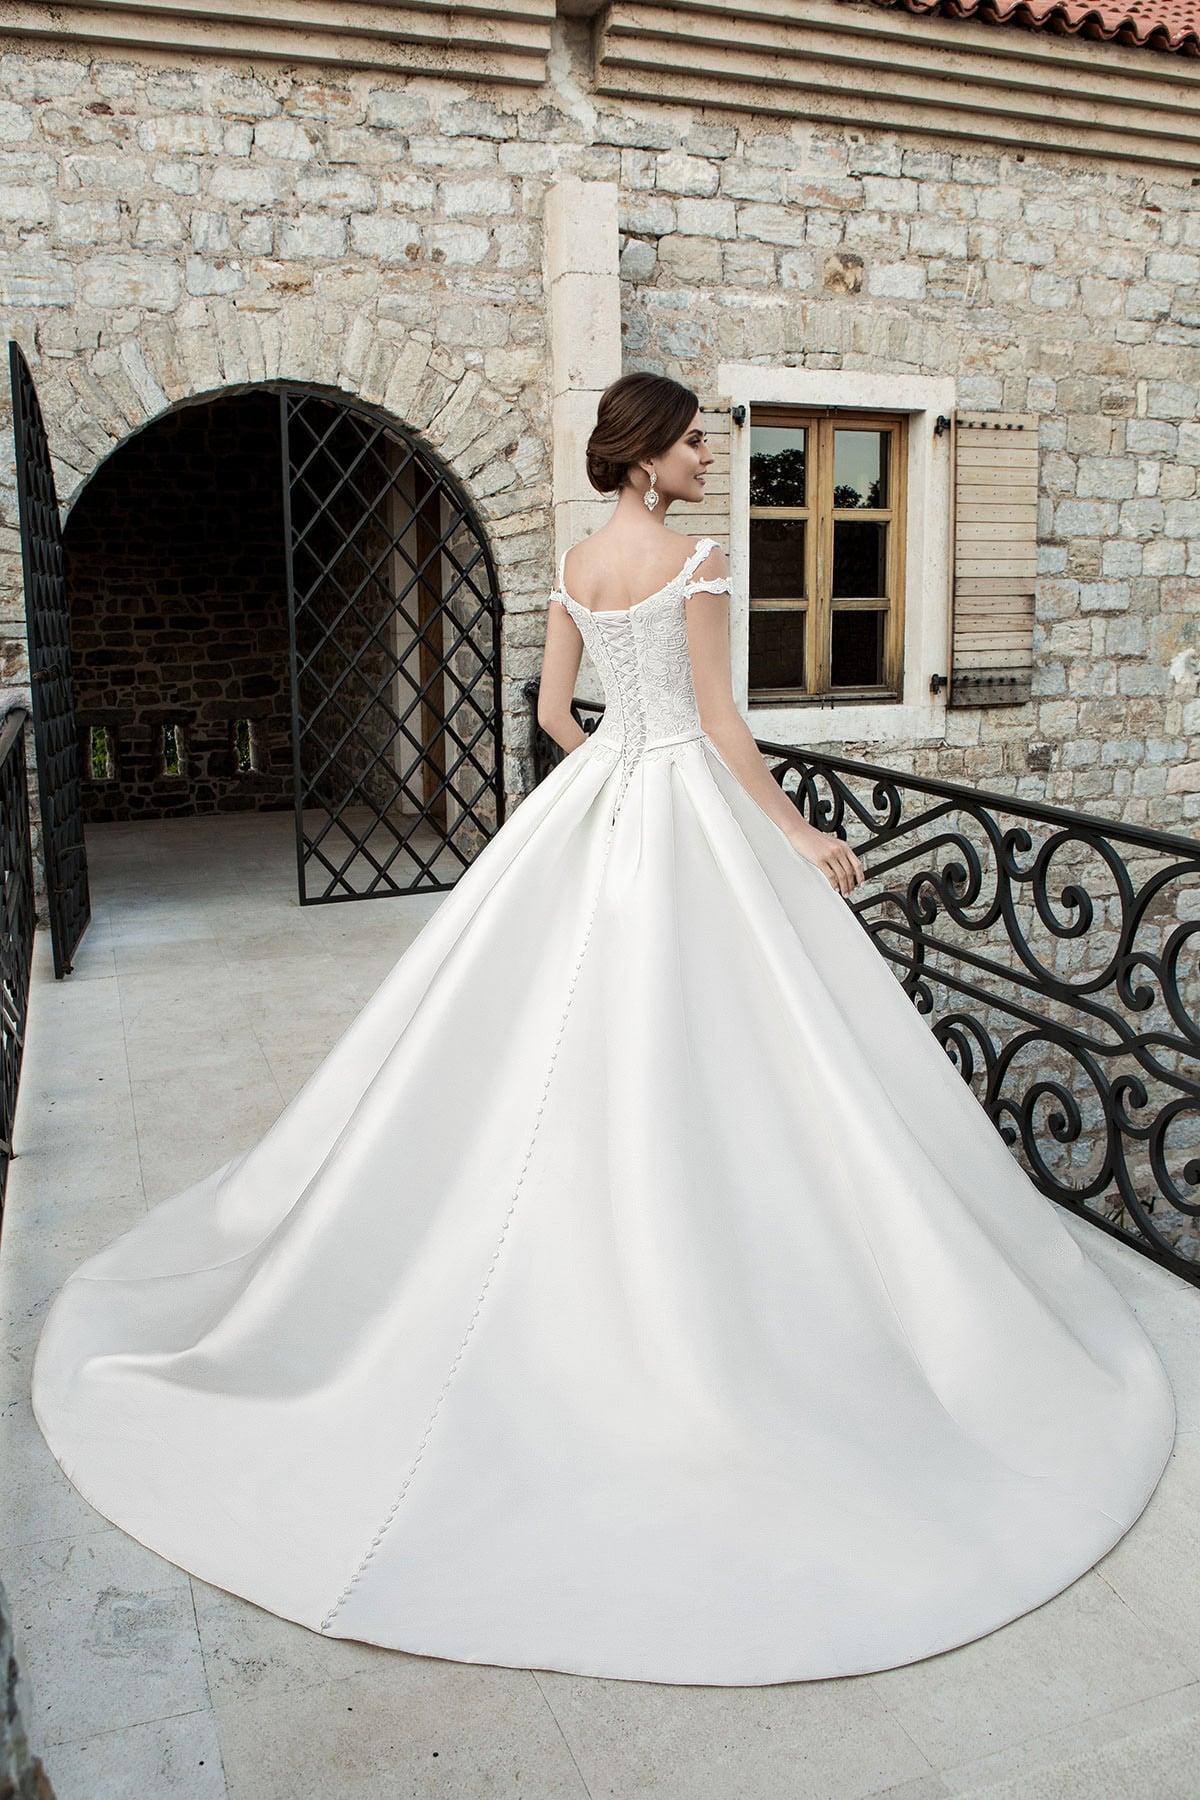 Свадебное платье с открытым декольте с кружевным декором и лаконичной юбкой со шлейфом.